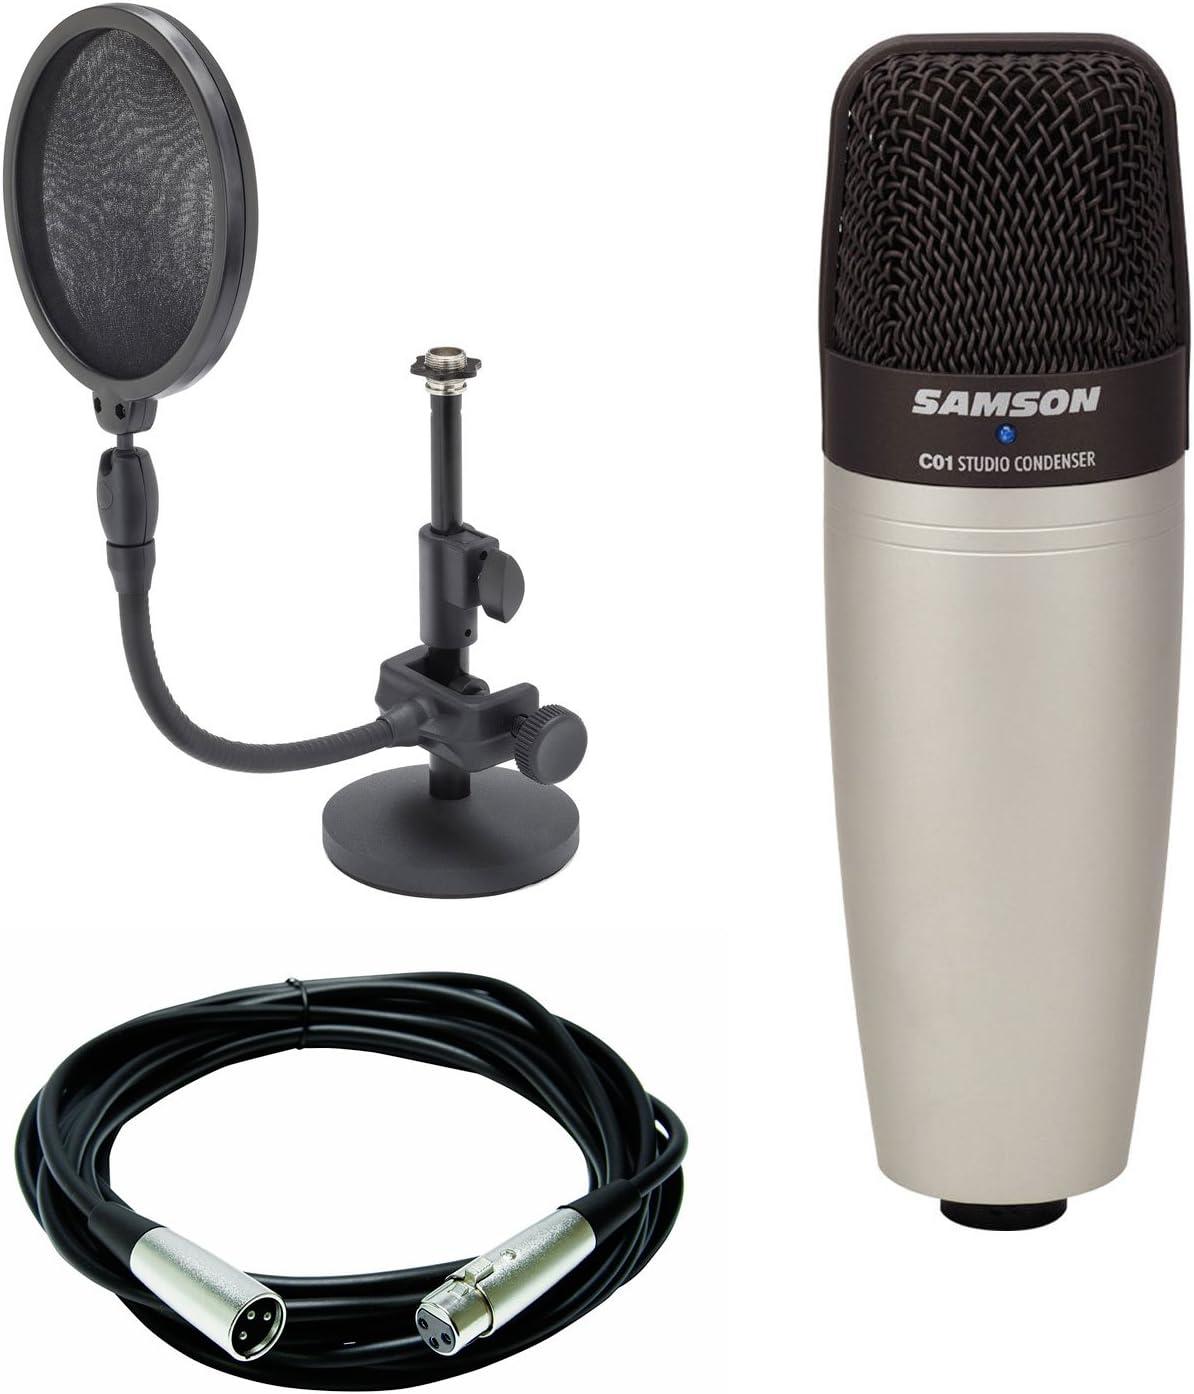 Amazon.com: Samson C01 - Micrófono condensador de diafragma ...